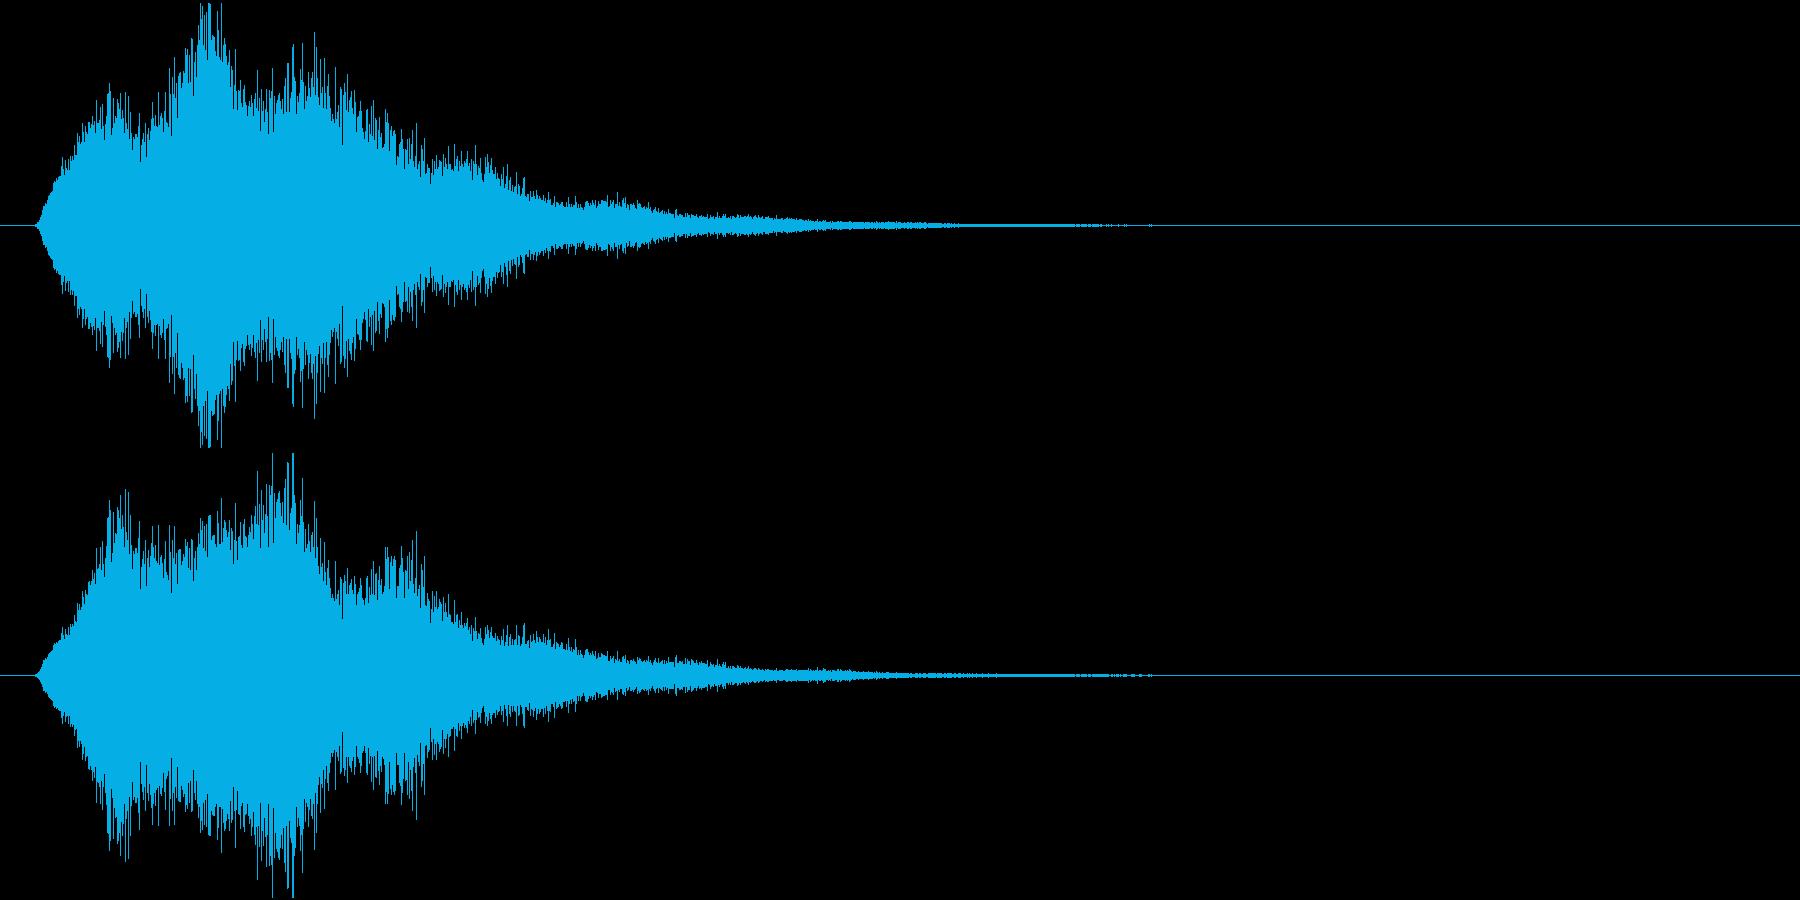 魔法や忍術系の回転音の再生済みの波形